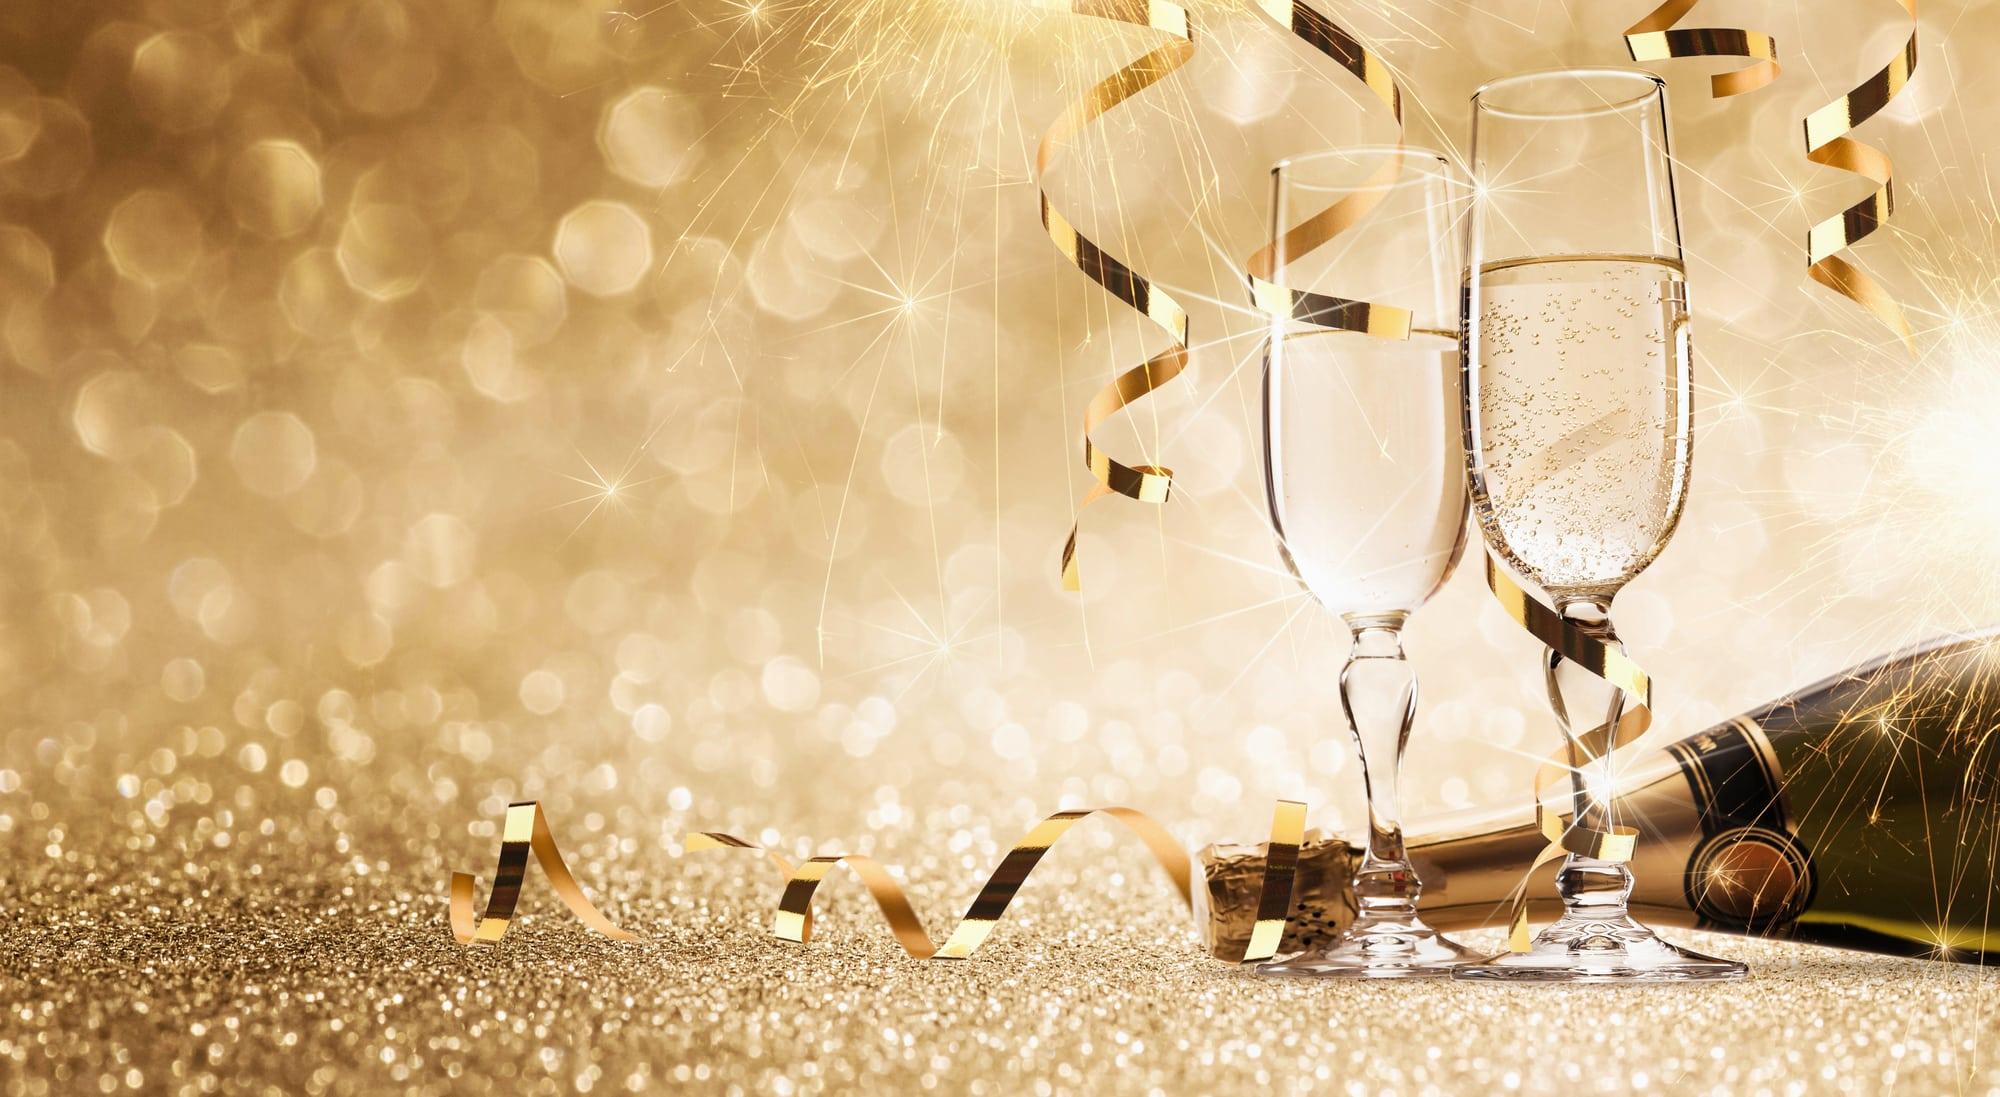 Neujahrsgrüße 9 Tipps 40 Beispiele Für Ein Frohes Neues Jahr